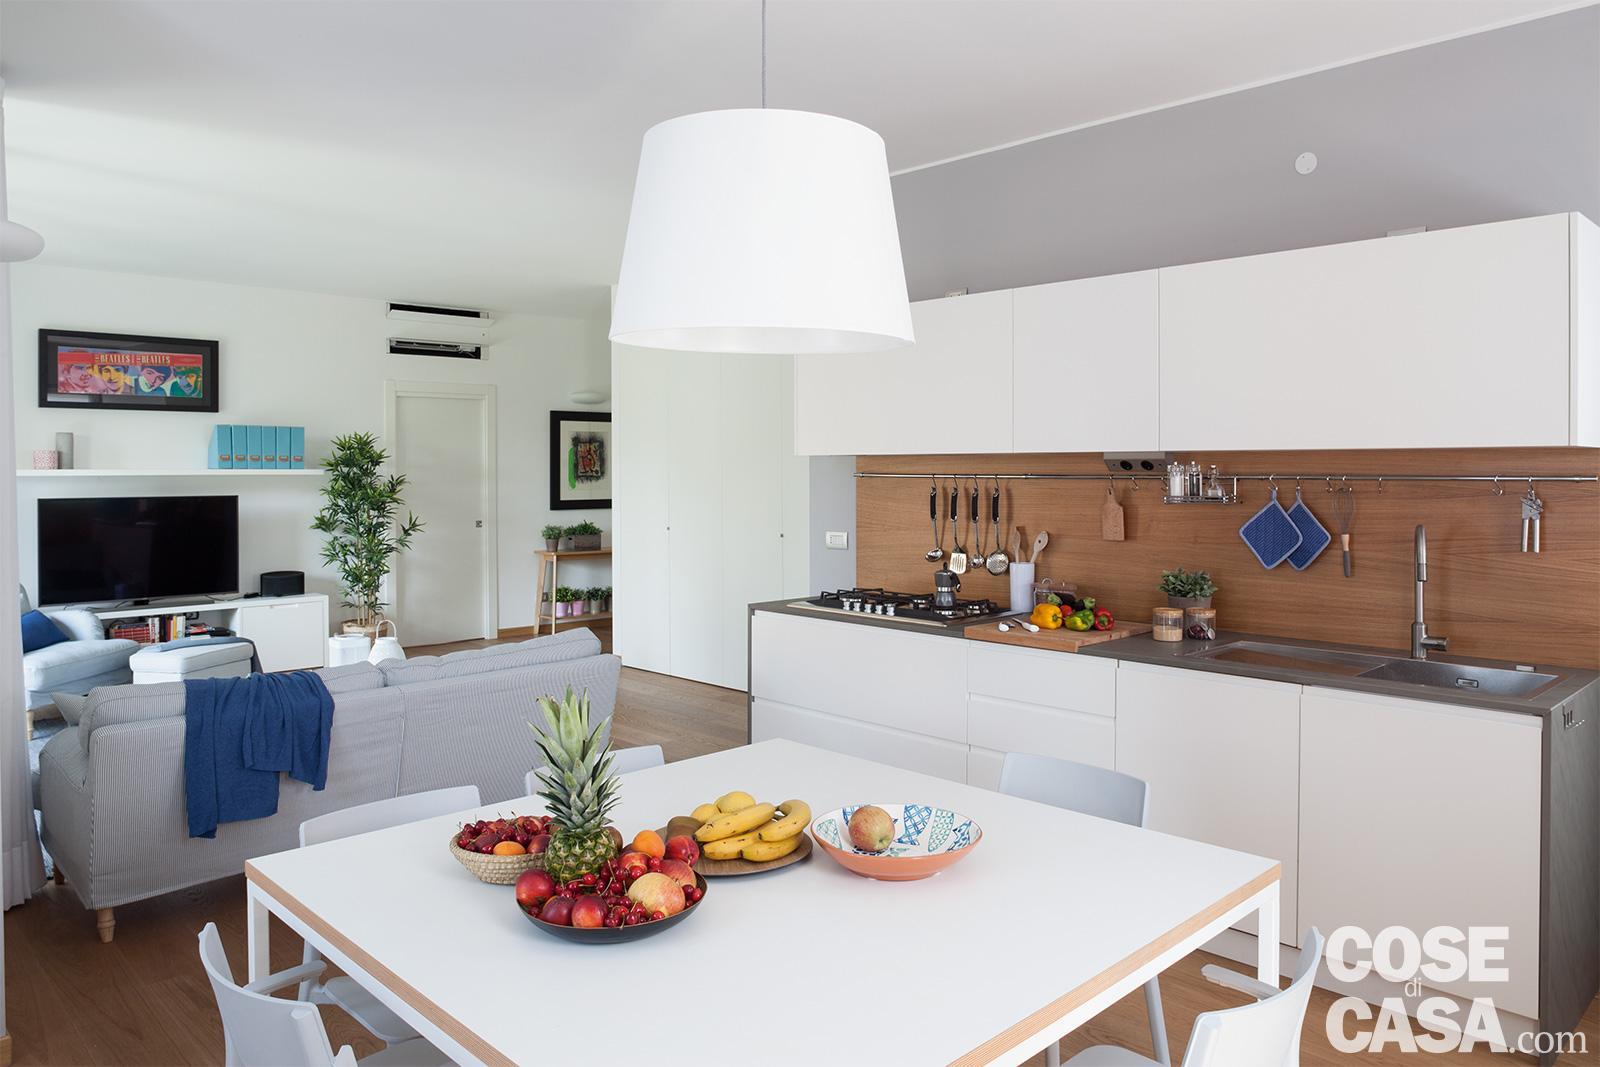 Idee Ristrutturazione Cucina Soggiorno ristrutturazione con soluzioni salvaspazio, più luce e